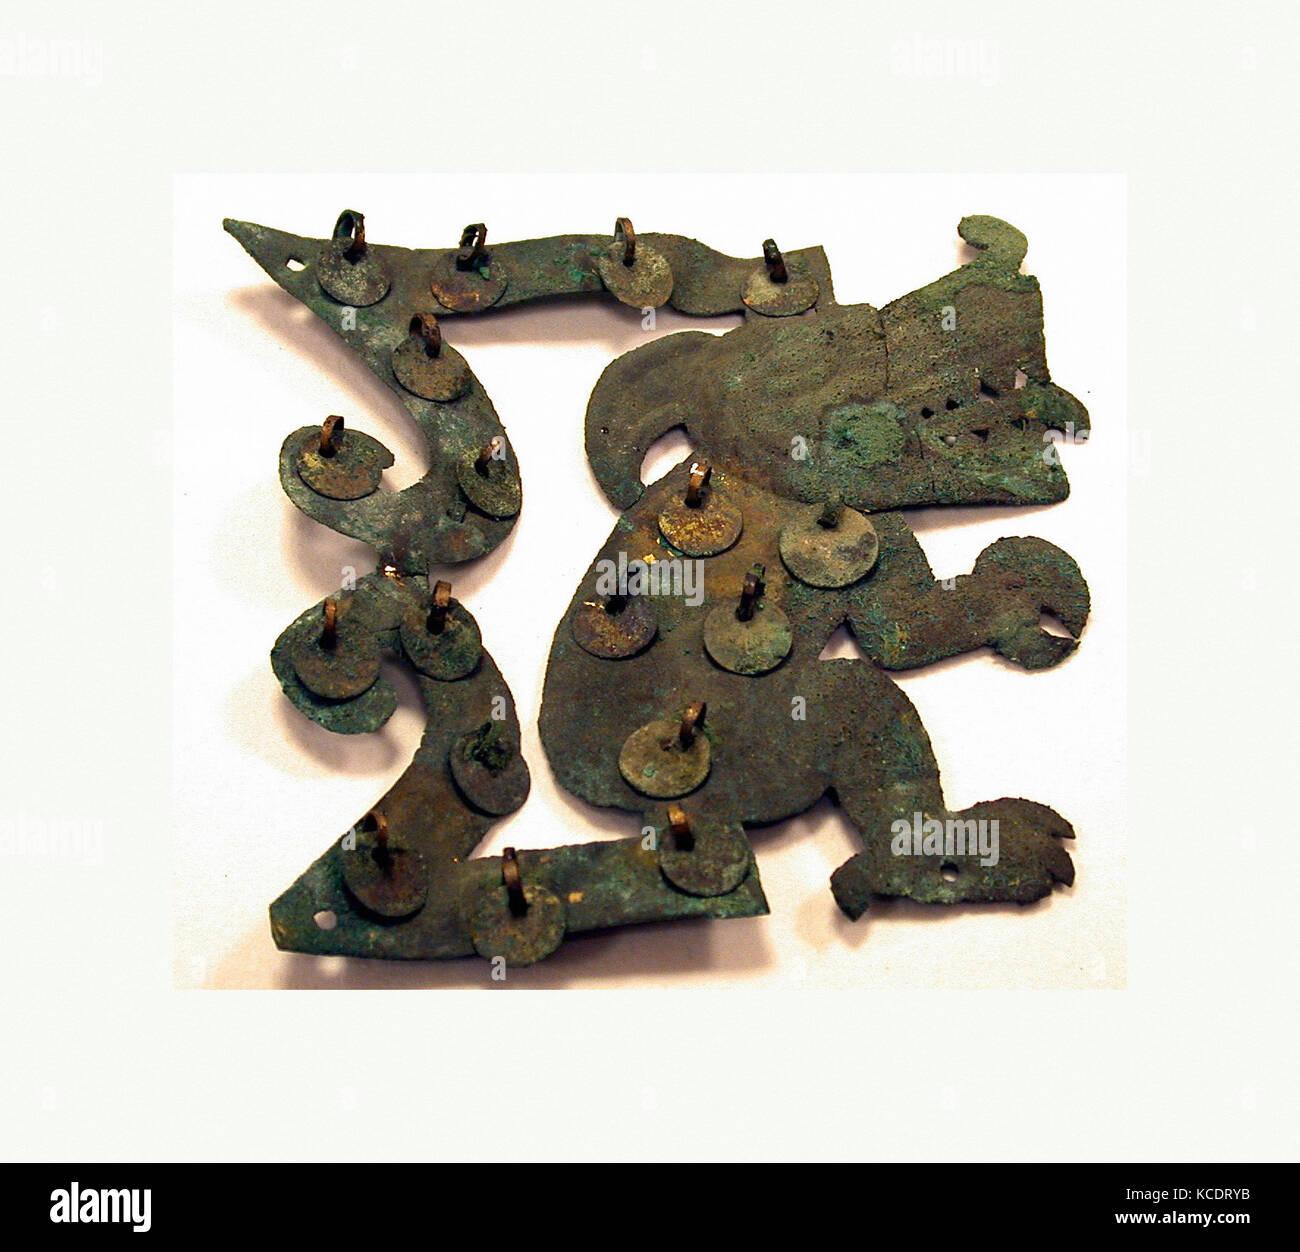 Animal Ornament, 390–450, Peru, Moche (Loma Negra), Gilded copper, H x W: 4 1/2 x 4 7/16in. (11.4 x 11.3cm), Metal - Stock Image